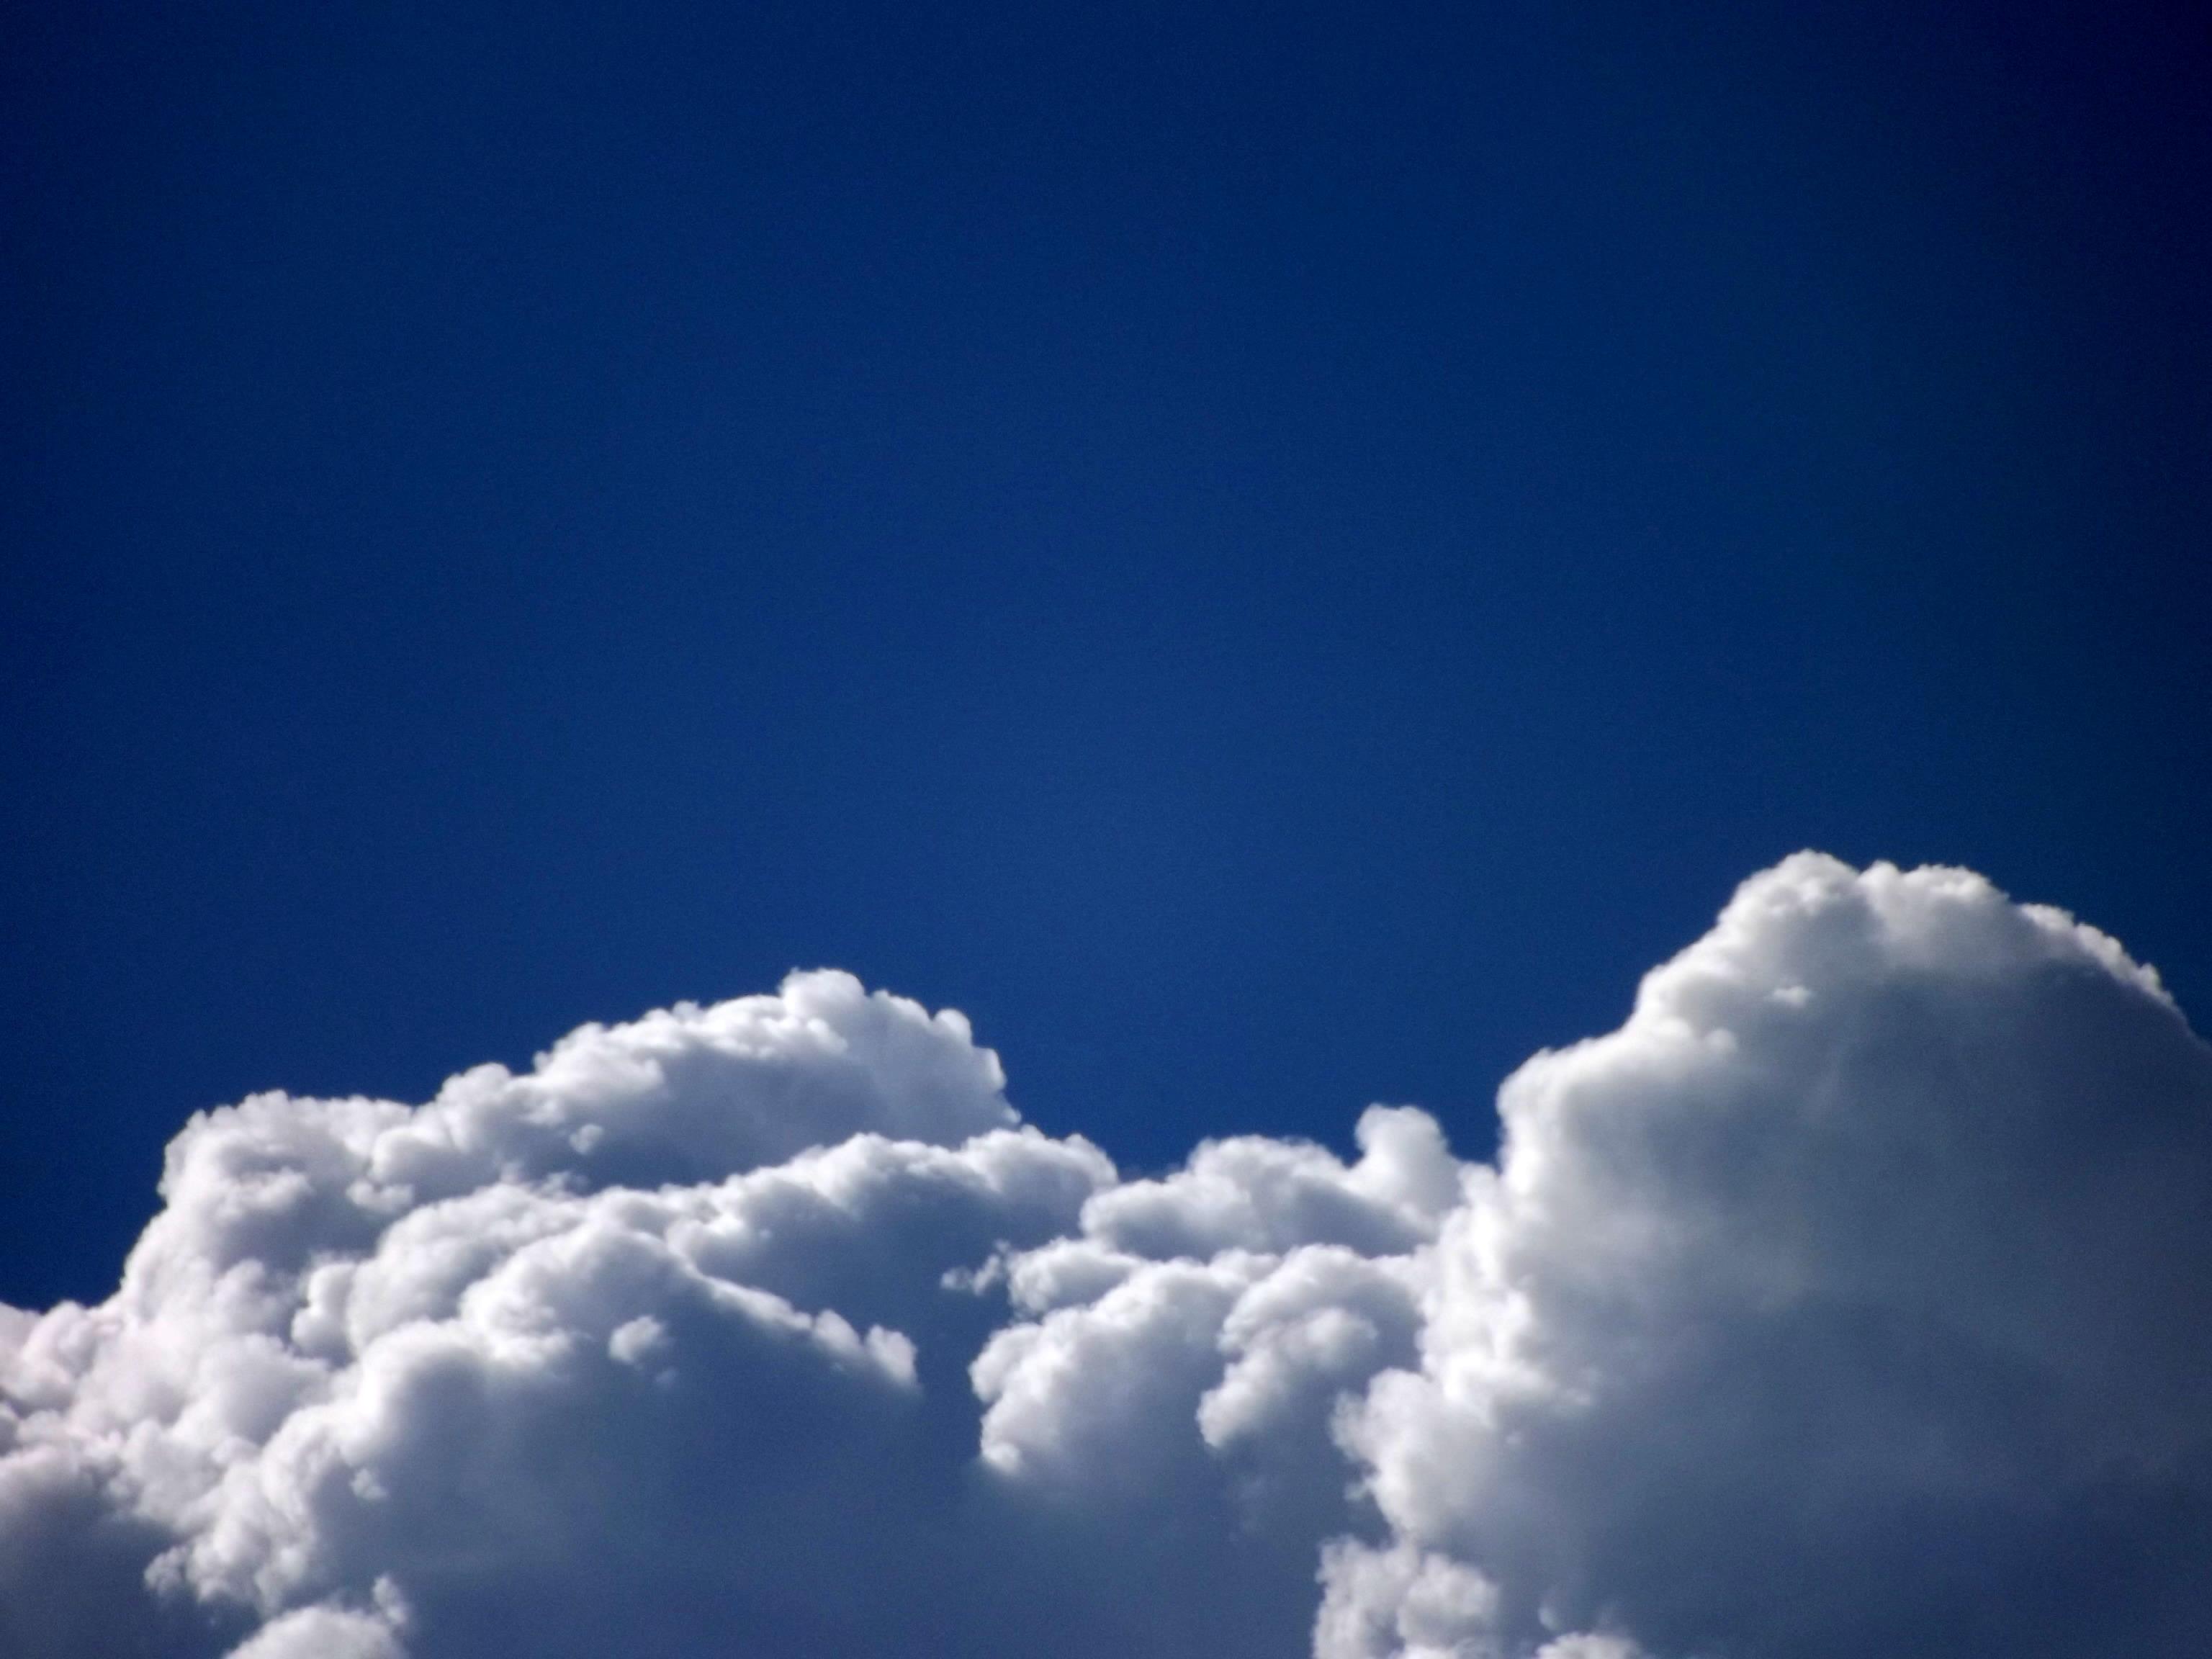 5261-wolkenlandschaft-blauer-himmel